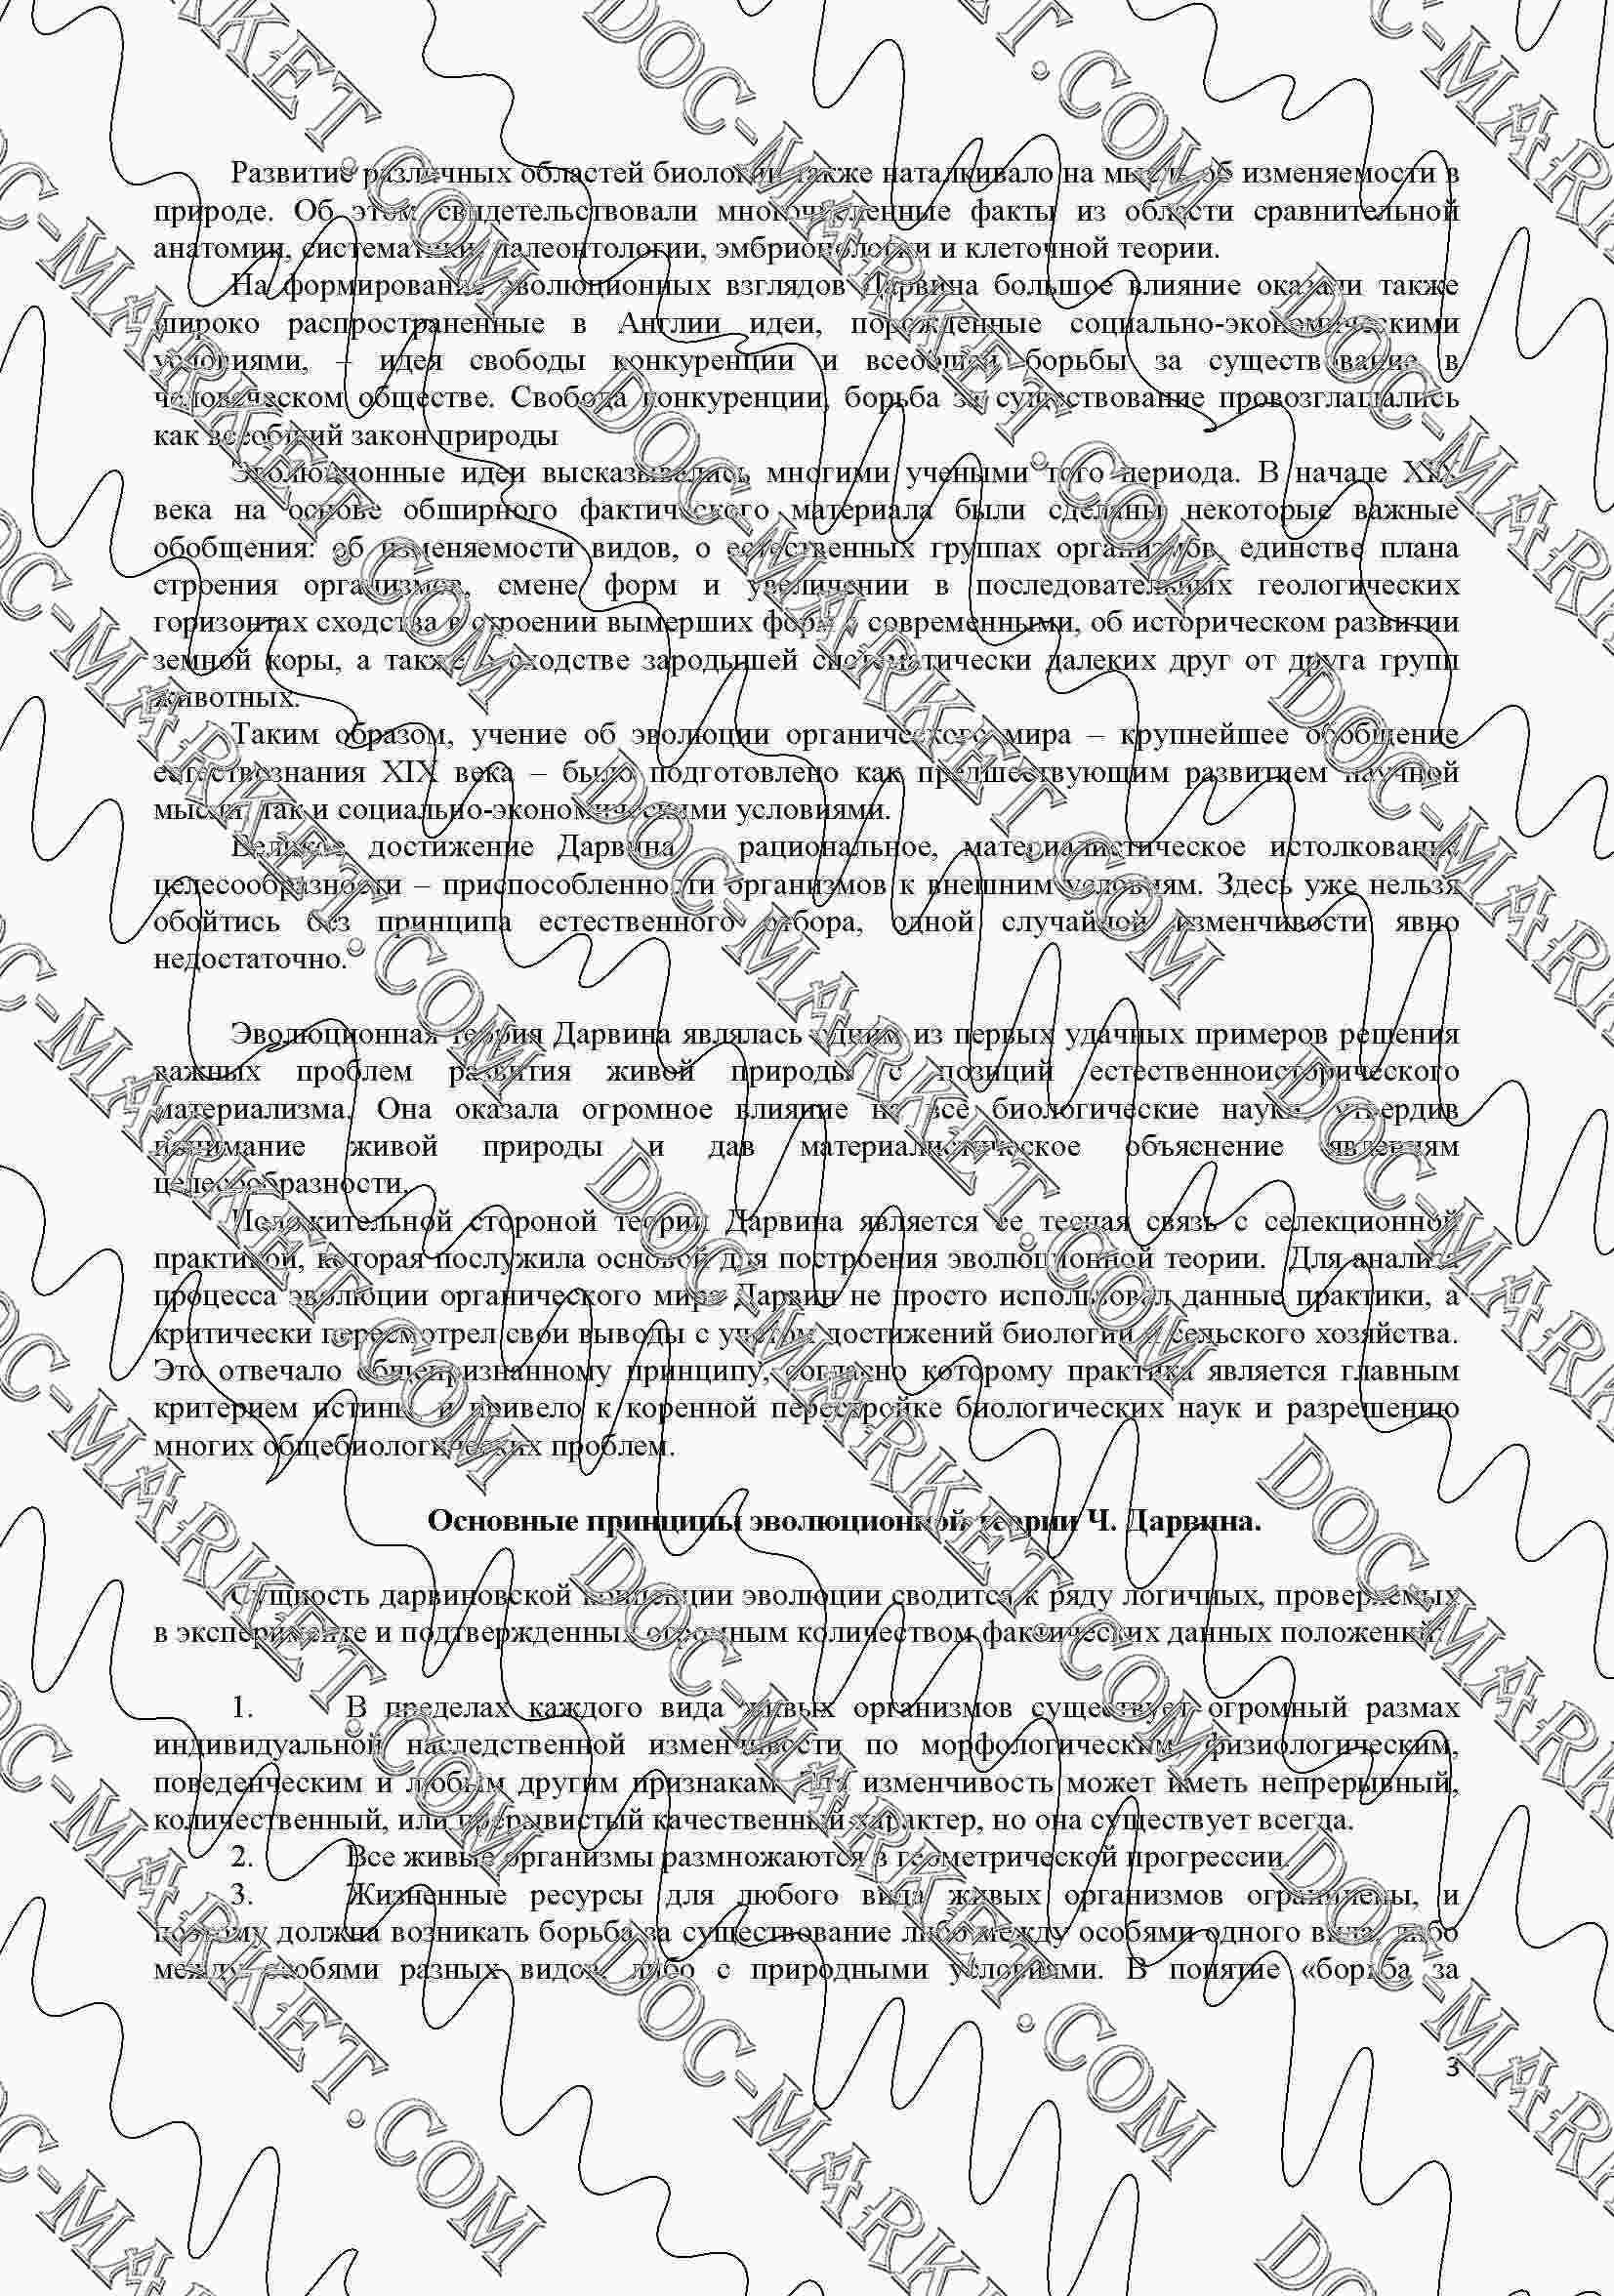 Реферат сестринский процесс атеросклероза new kurs ru сестринский процесс при атеросклерозе курсовая